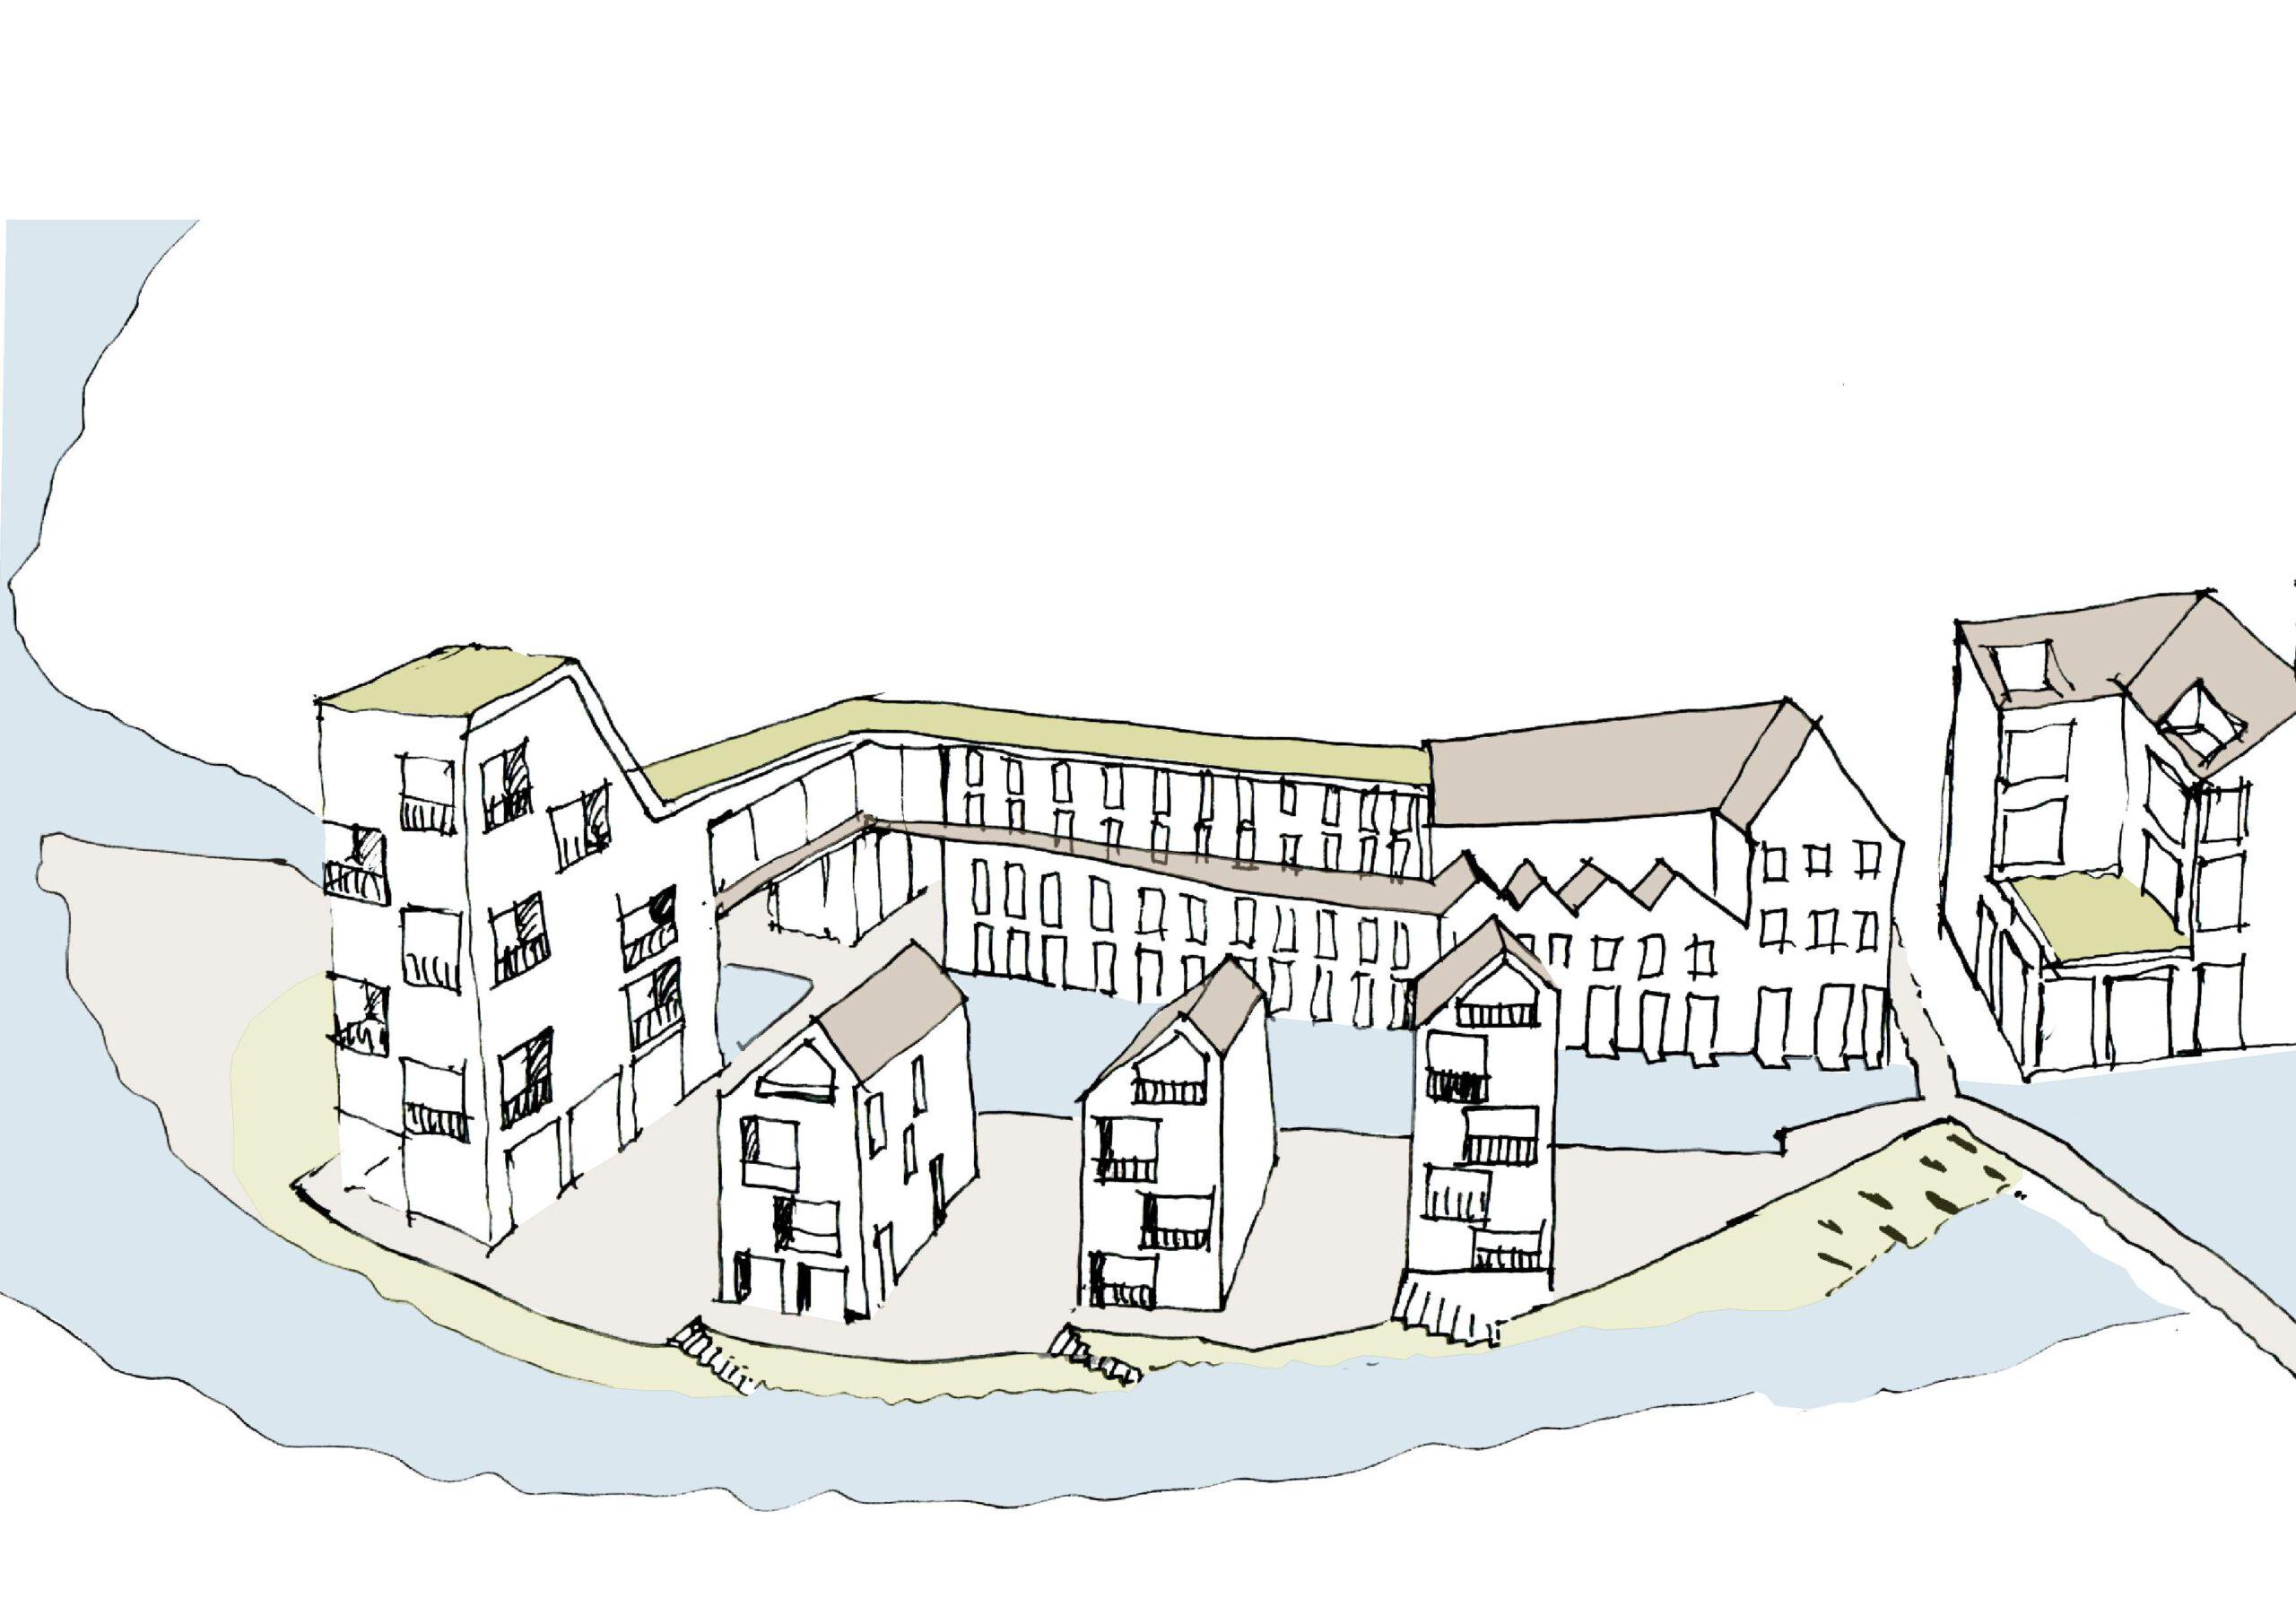 Strandbad mit Schlauchboothafen - Wettbewerb Quartier Backnang West - Murr-Inseln